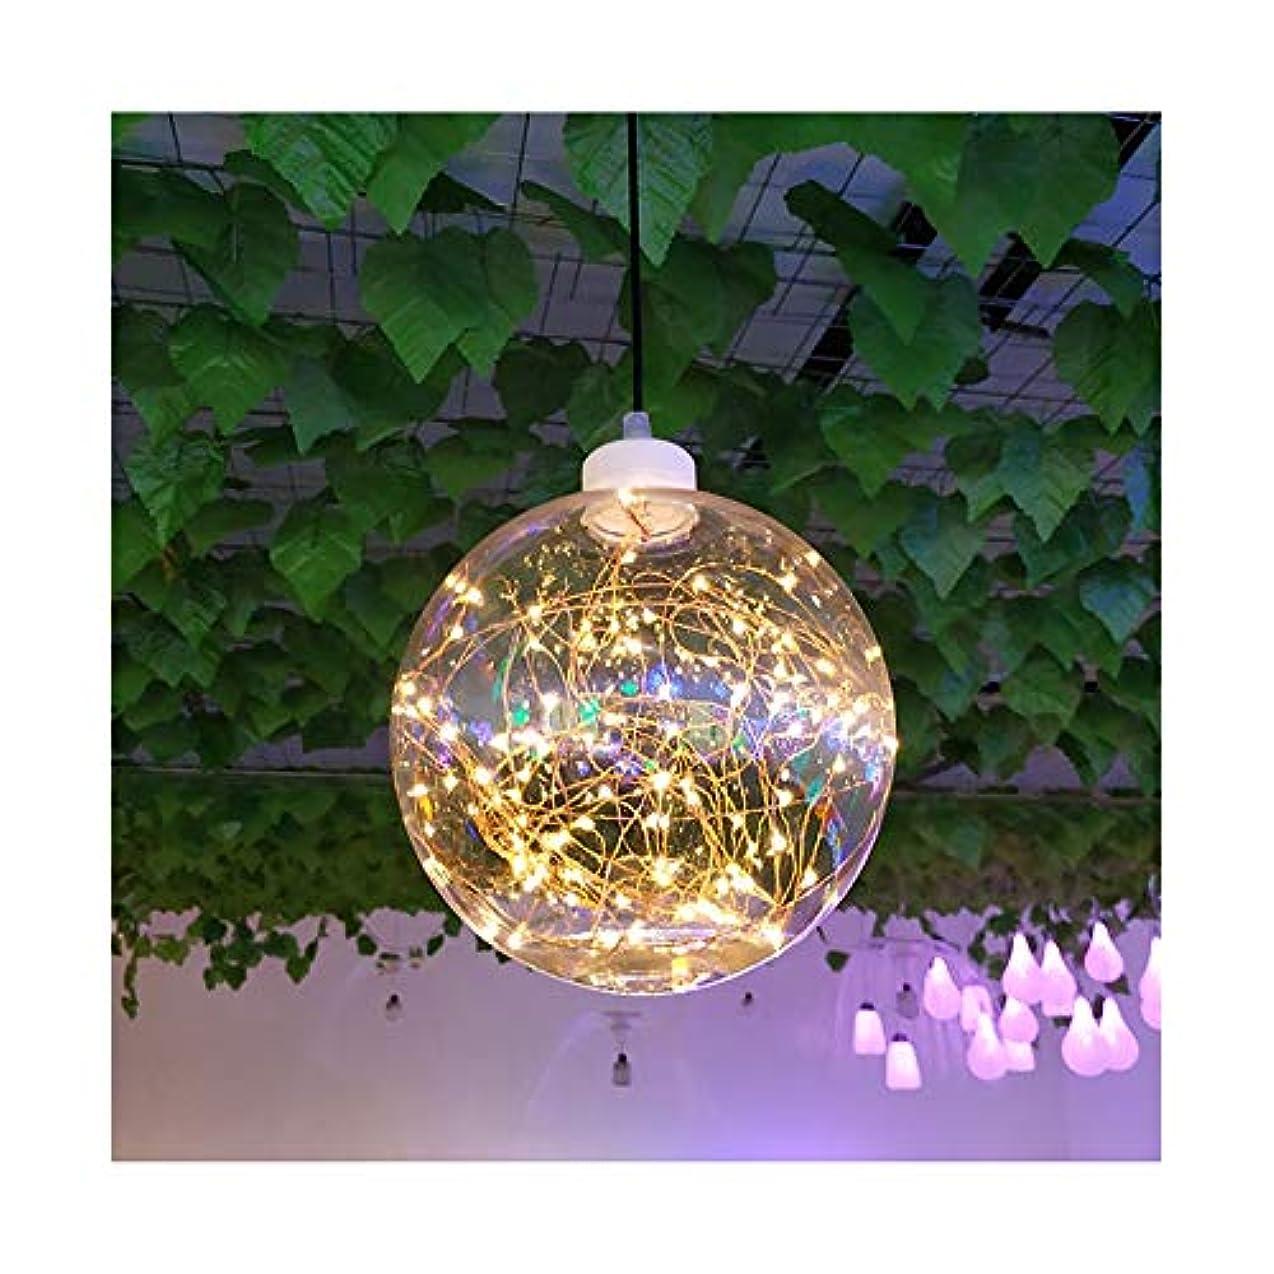 豚肉支配的買い手LEDランタン風景ライト銅線ボールぶら下げツリーライト屋外装飾ライトシャンデリア (Size : 20cm)